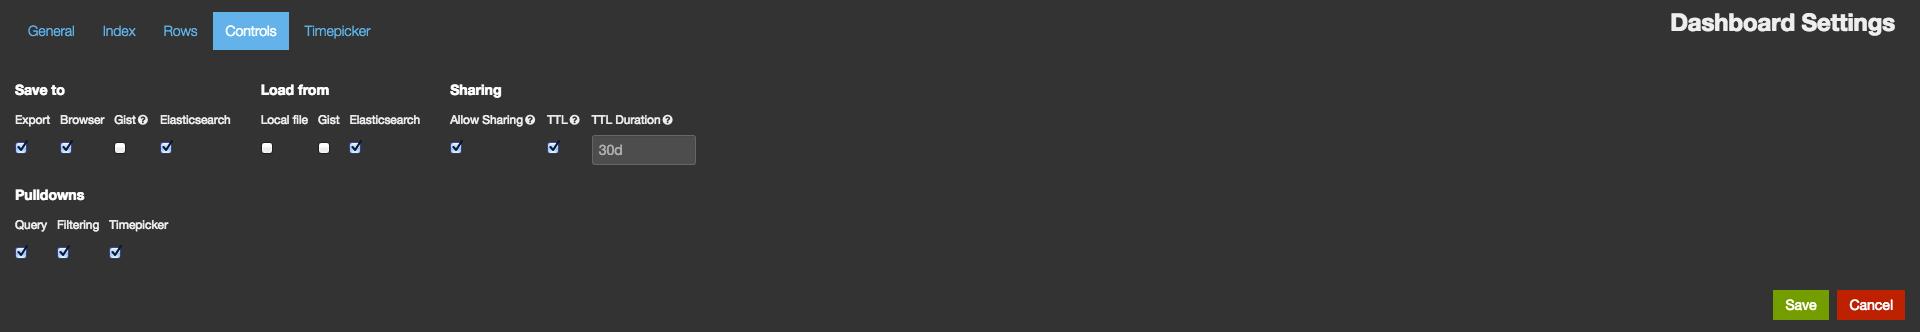 スクリーンショット 2015-07-07 2.35.56 PM.png